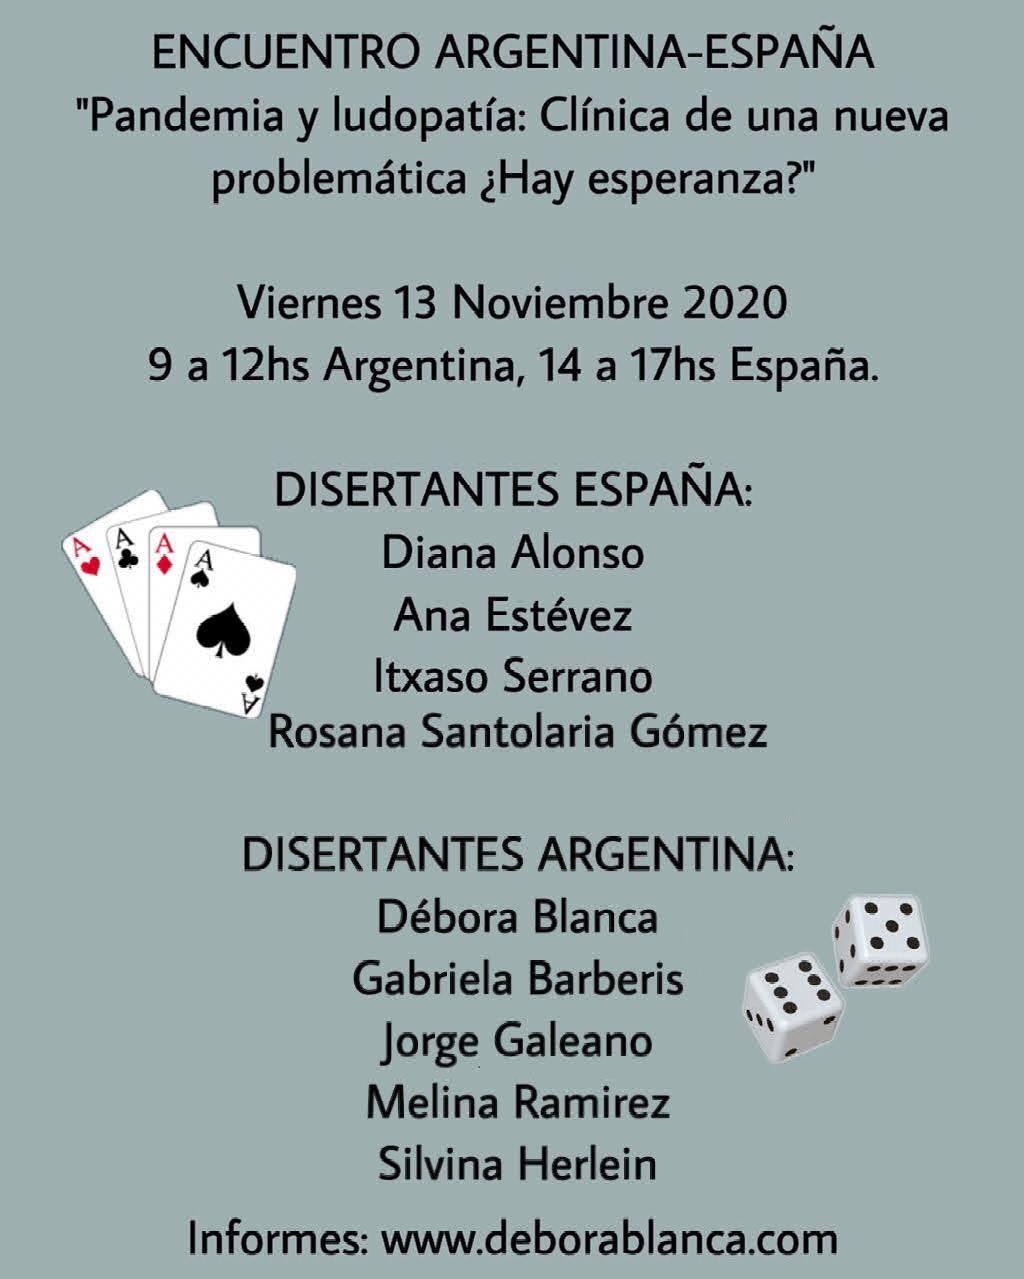 Encuentro-Argentina-Espan.Encuentro-Argentina-Espana.jpg